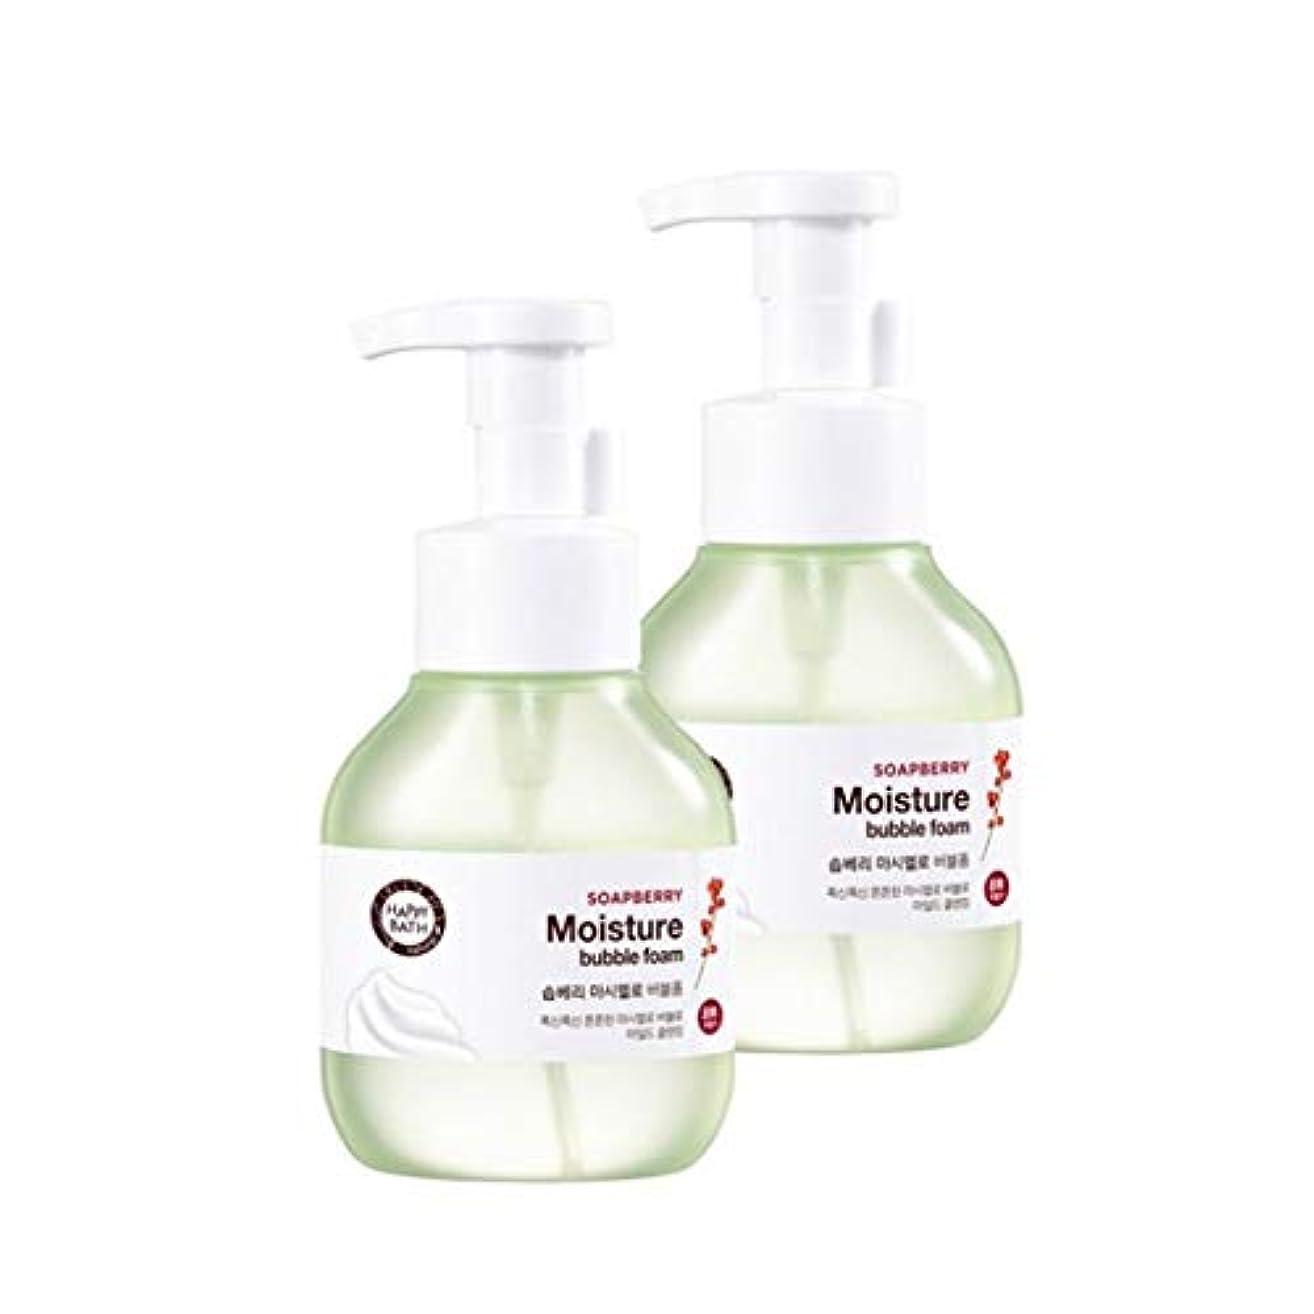 長椅子引き渡すサイレントハッピーバスソープベリーマシュマロバブルフォーム300mlx2本セット韓国コスメ、Happy Bath Soapberry Moisture Bubble Foam 300ml x 2ea Set Korean Cosmetics...